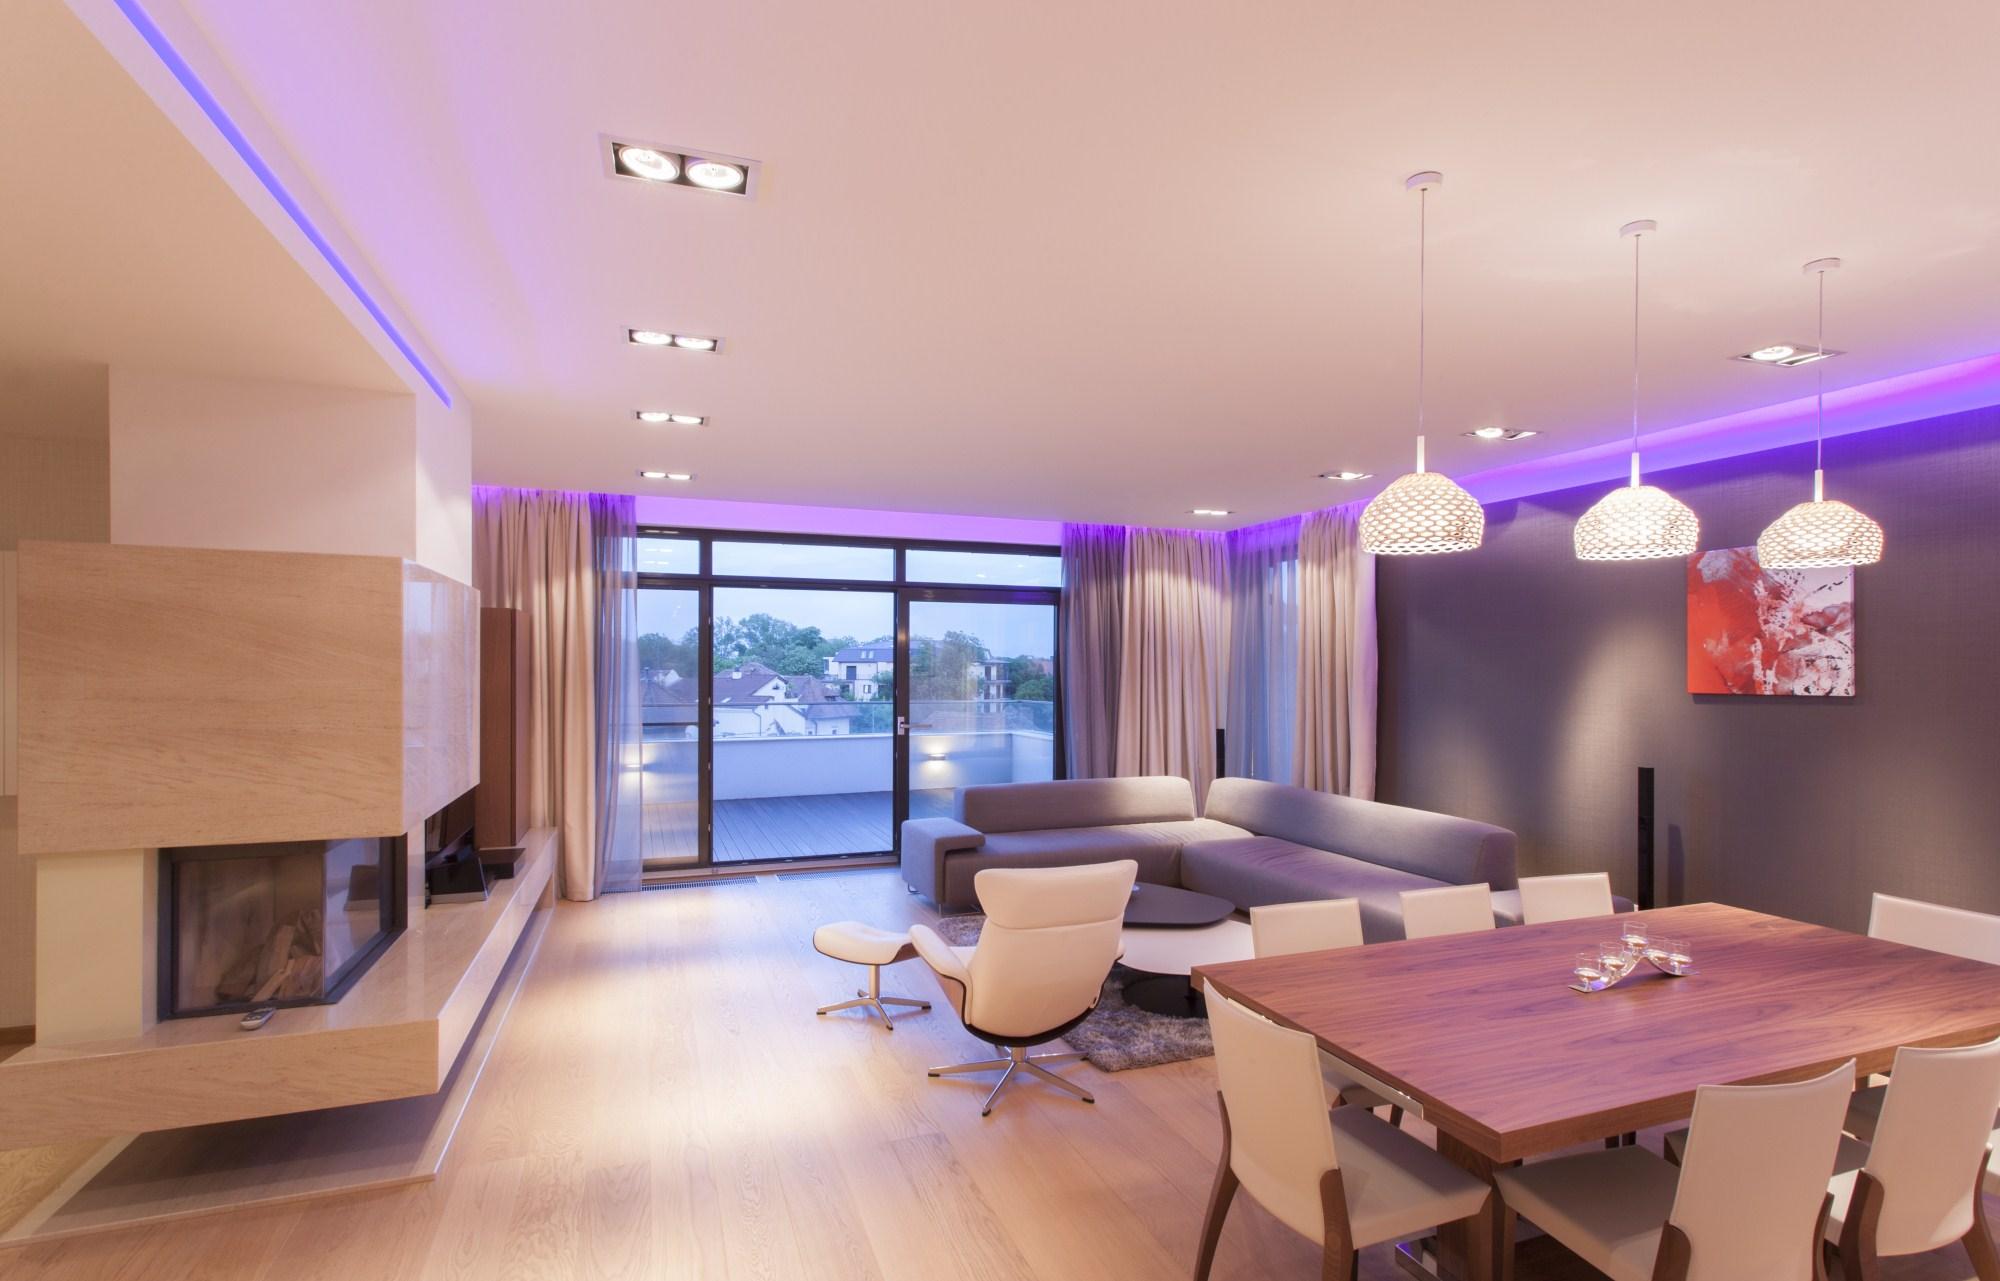 https://nbc-arhitect.ro/wp-content/uploads/2020/11/NBC-Arhitect-_-interior-design-_-Petofi-Sandor-_-Romania_41.jpg